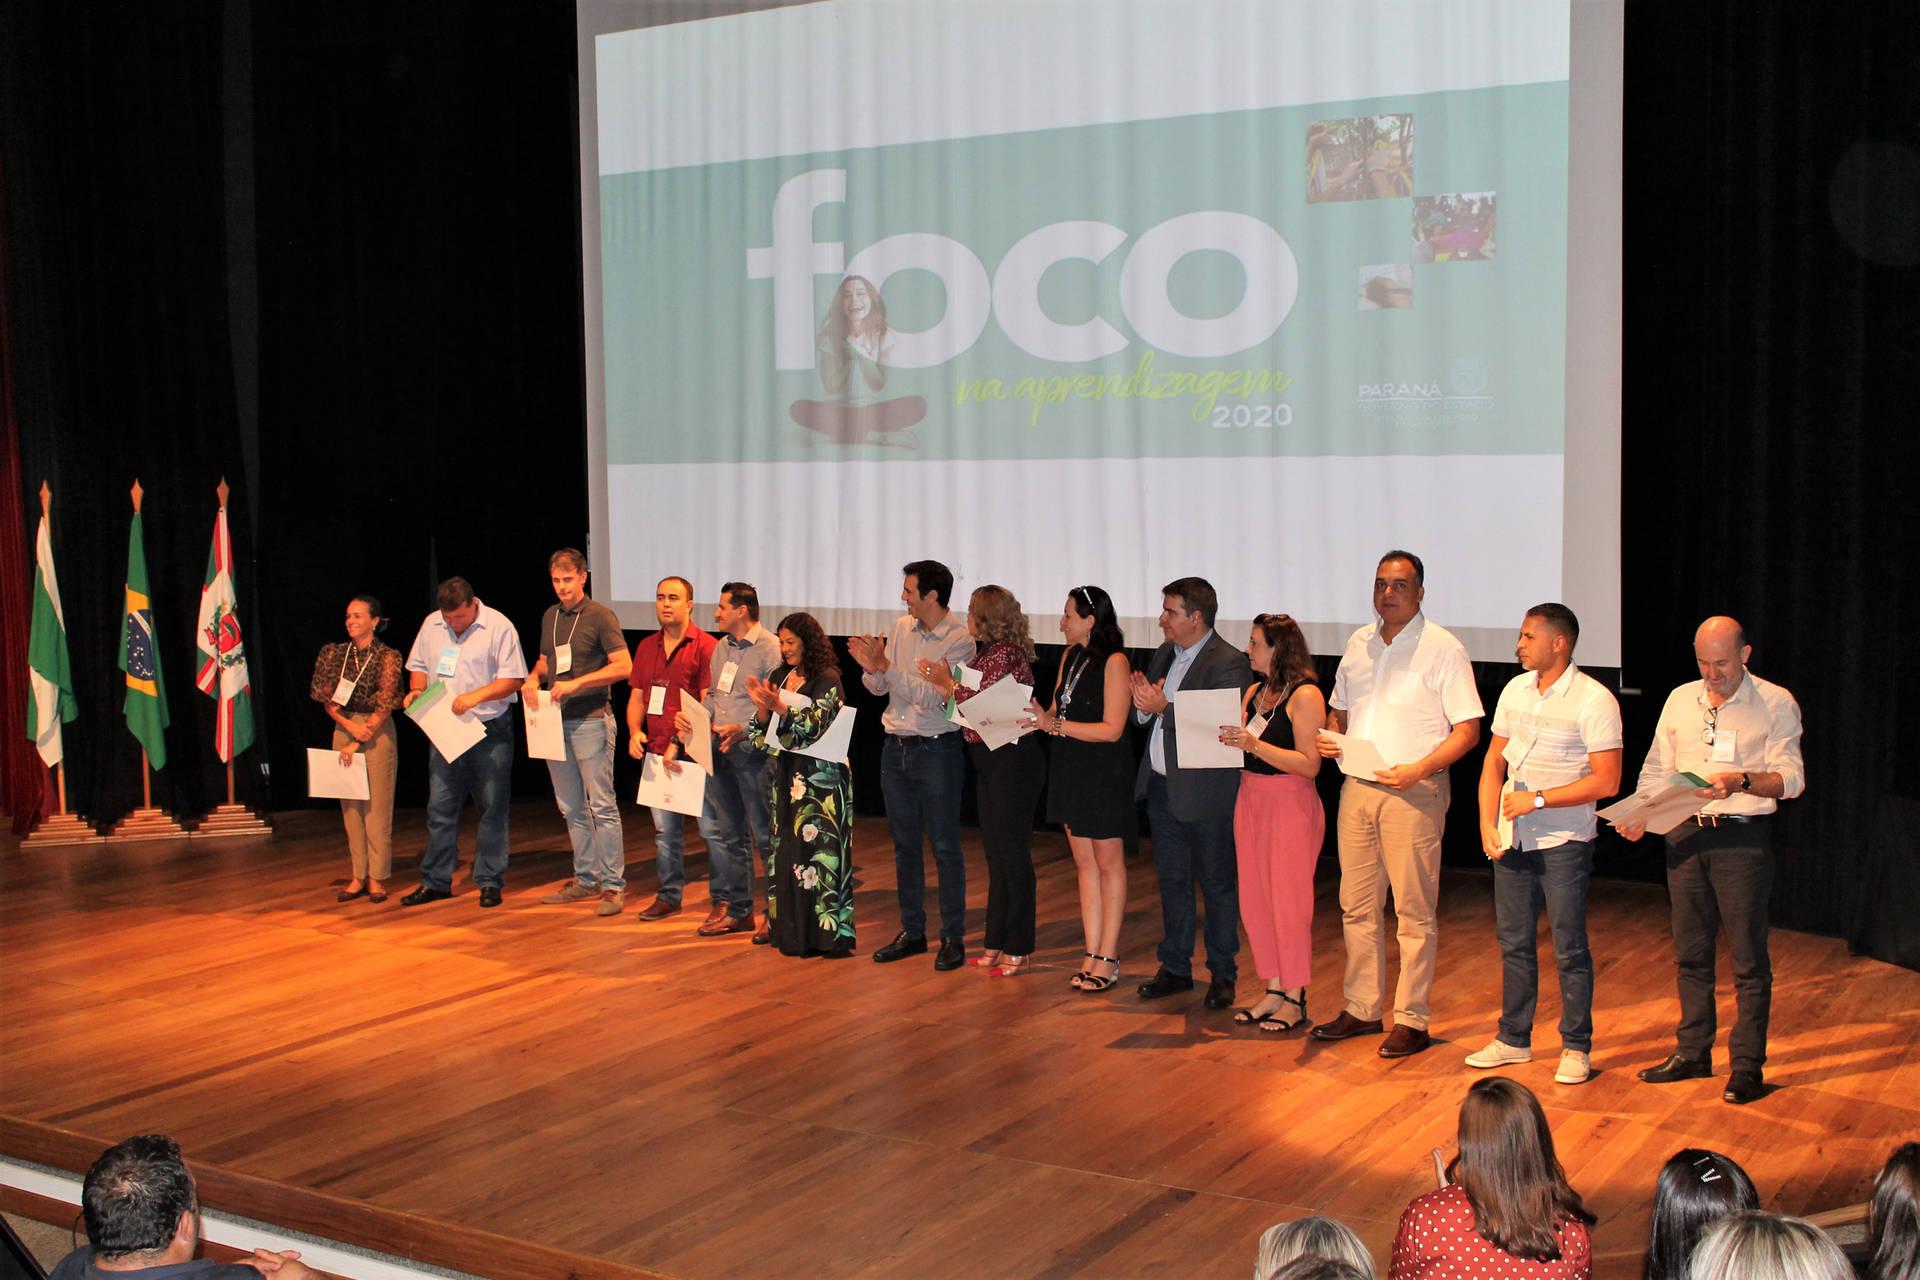 Entrega dos quase 400 certificados ocorreu no Seminário Foco na Aprendizagem, em Curitiba, que reúne os mais de 2 mil diretores